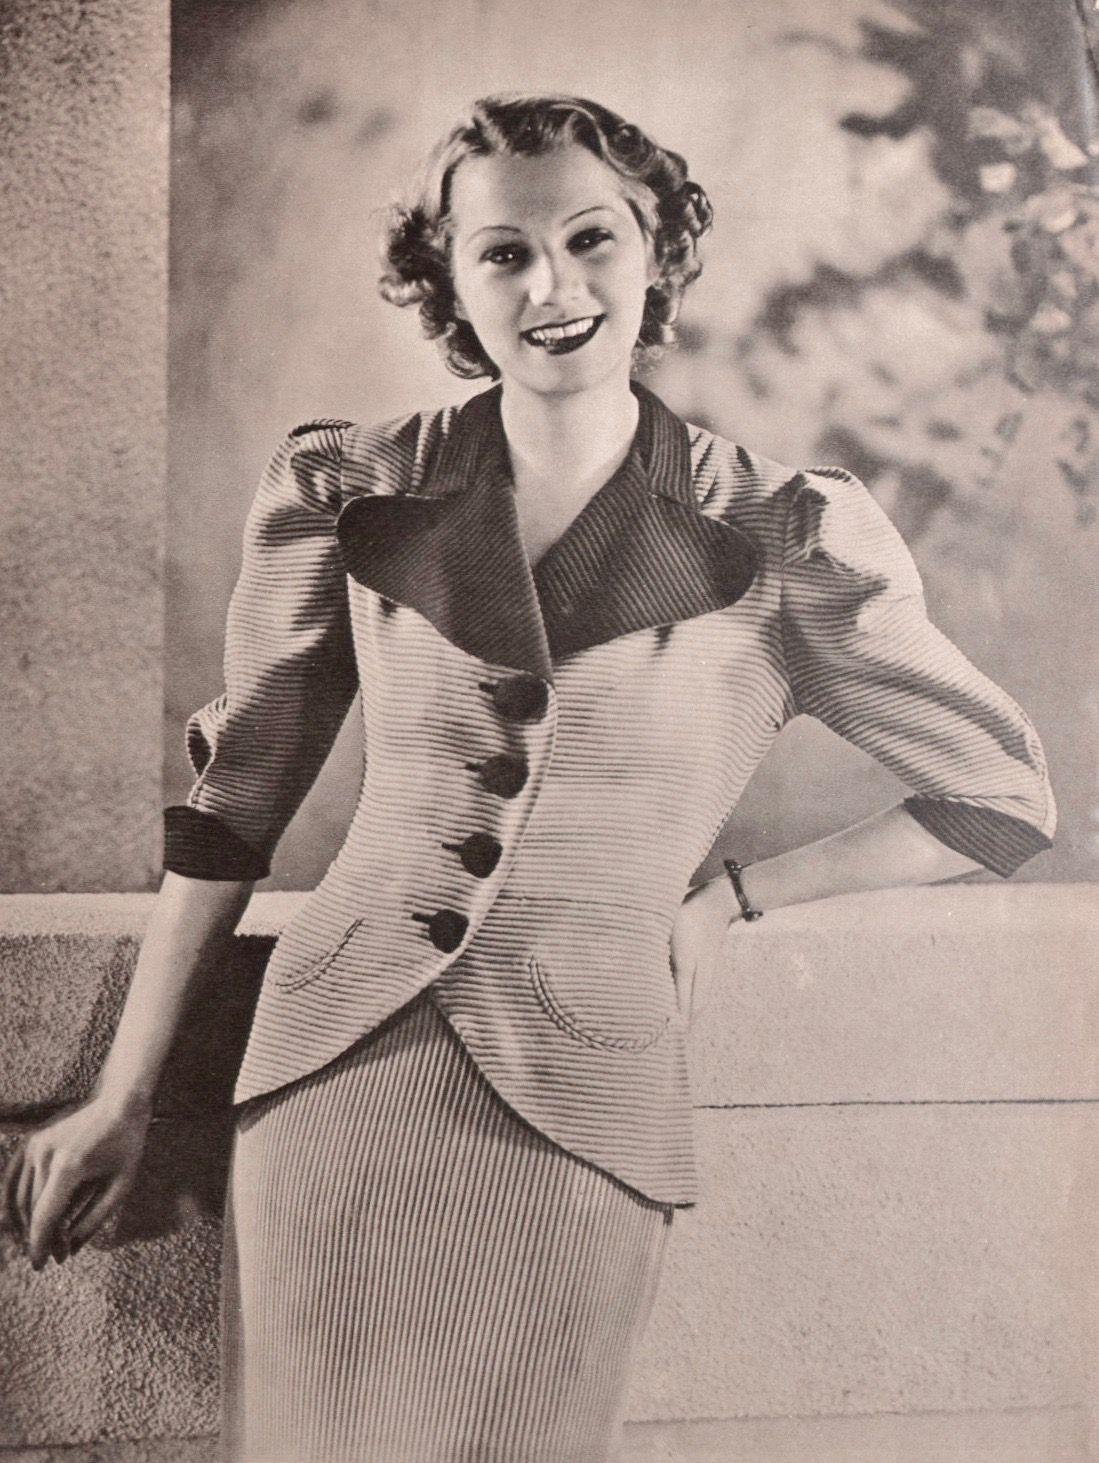 1932 #womensfashionvintageclassy #womensfashionvintage40s